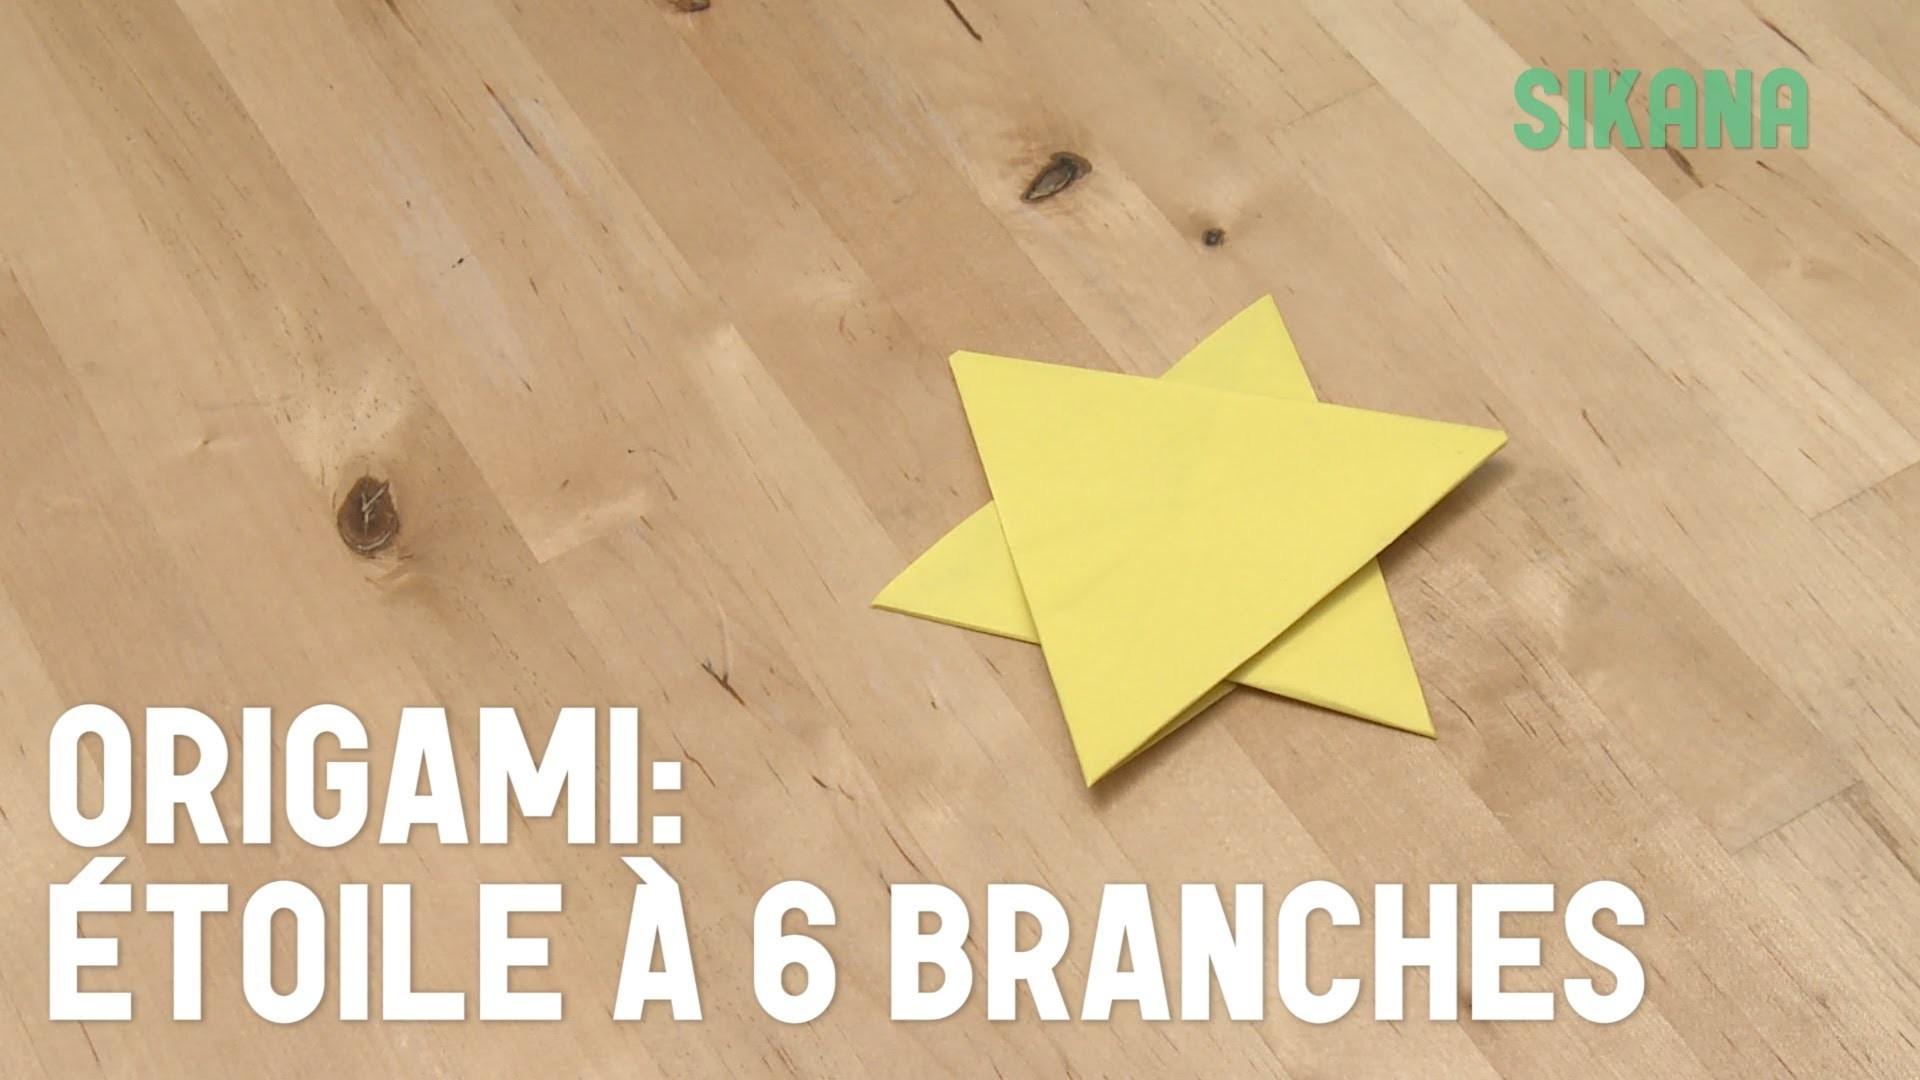 Origami : Faire une étoile à 6 branches en papier - HD